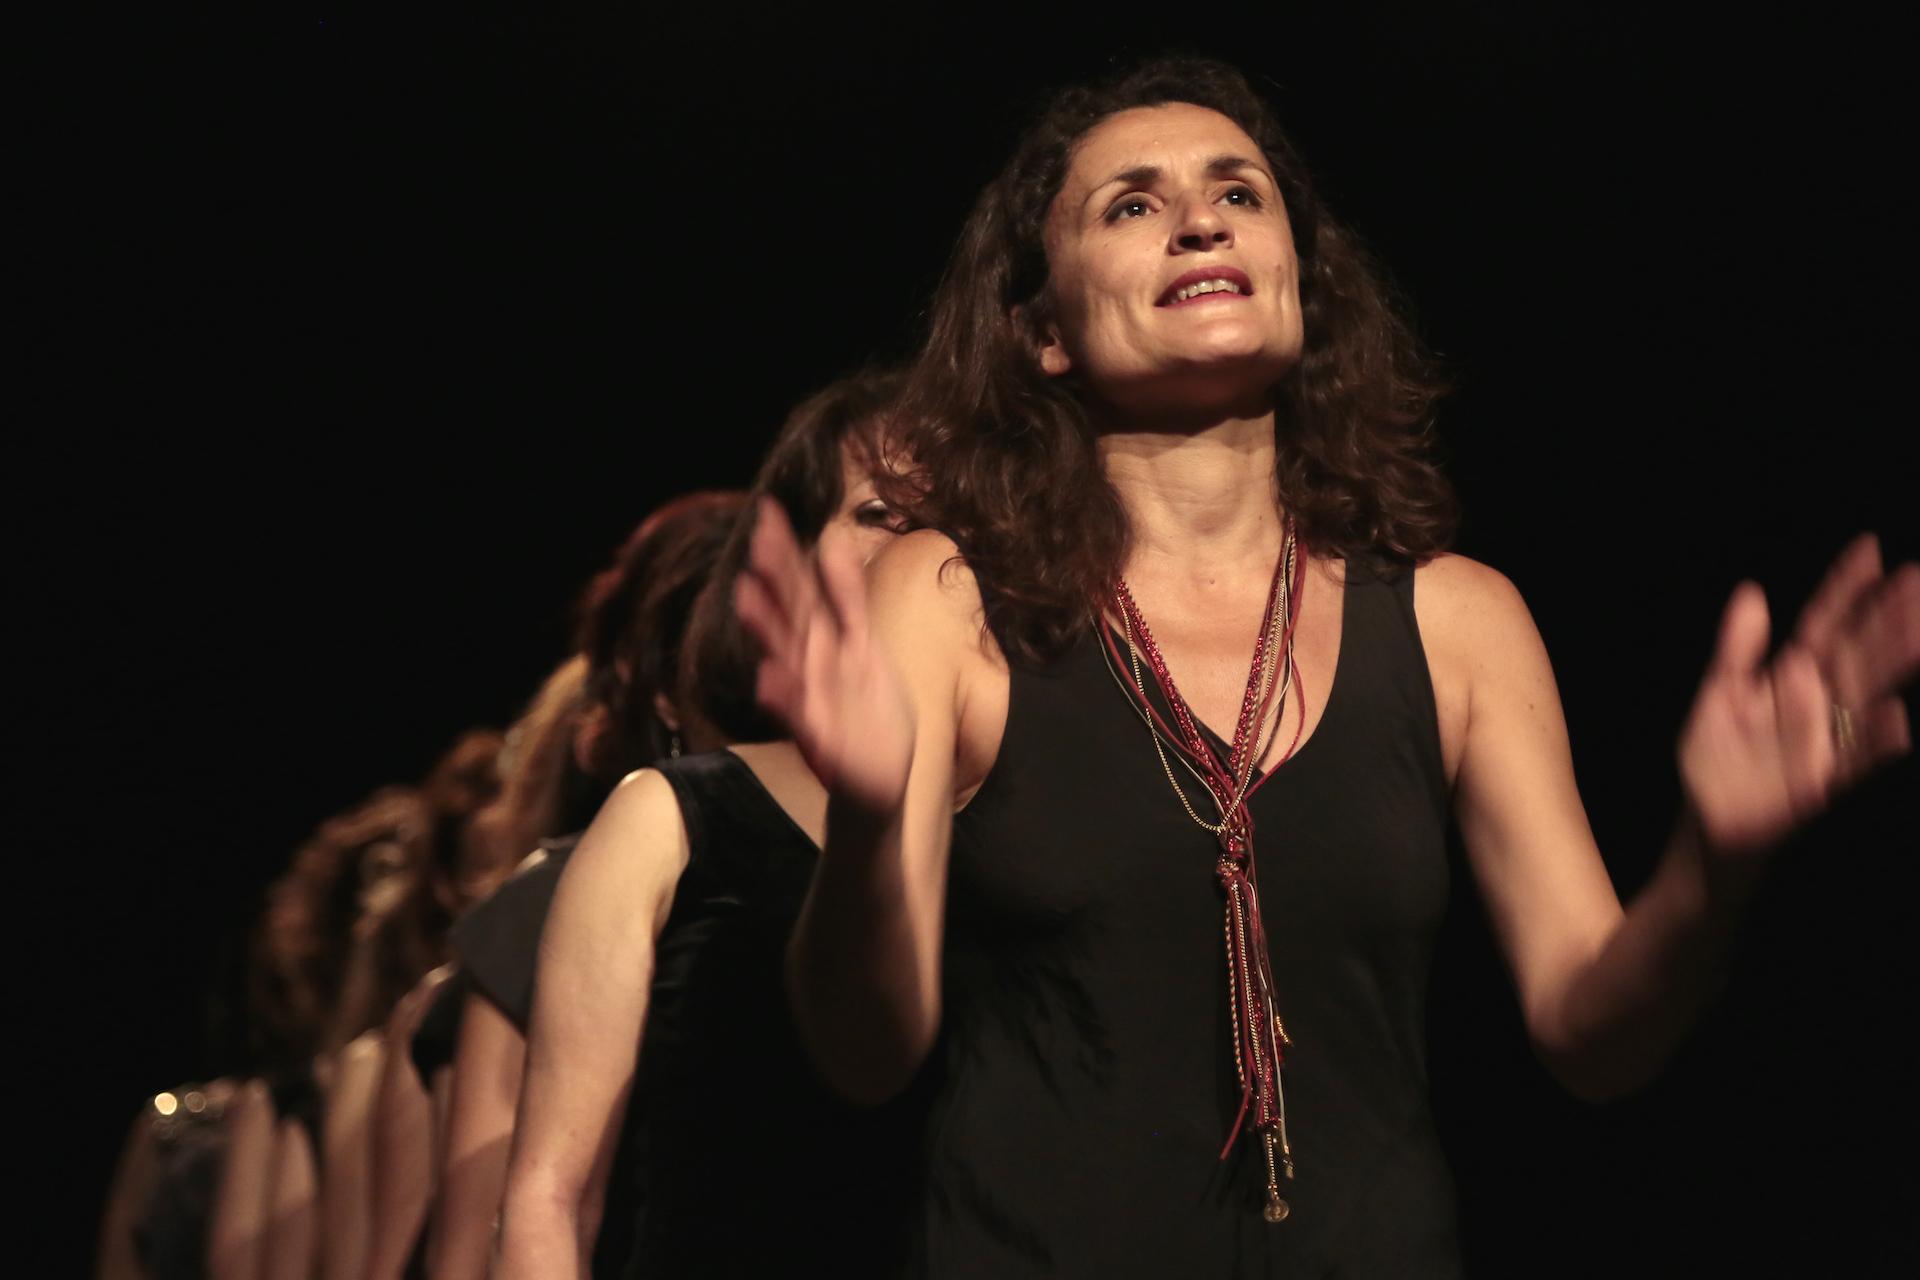 Compagnie mises en scènes 11 - Blandine Armand - série photos